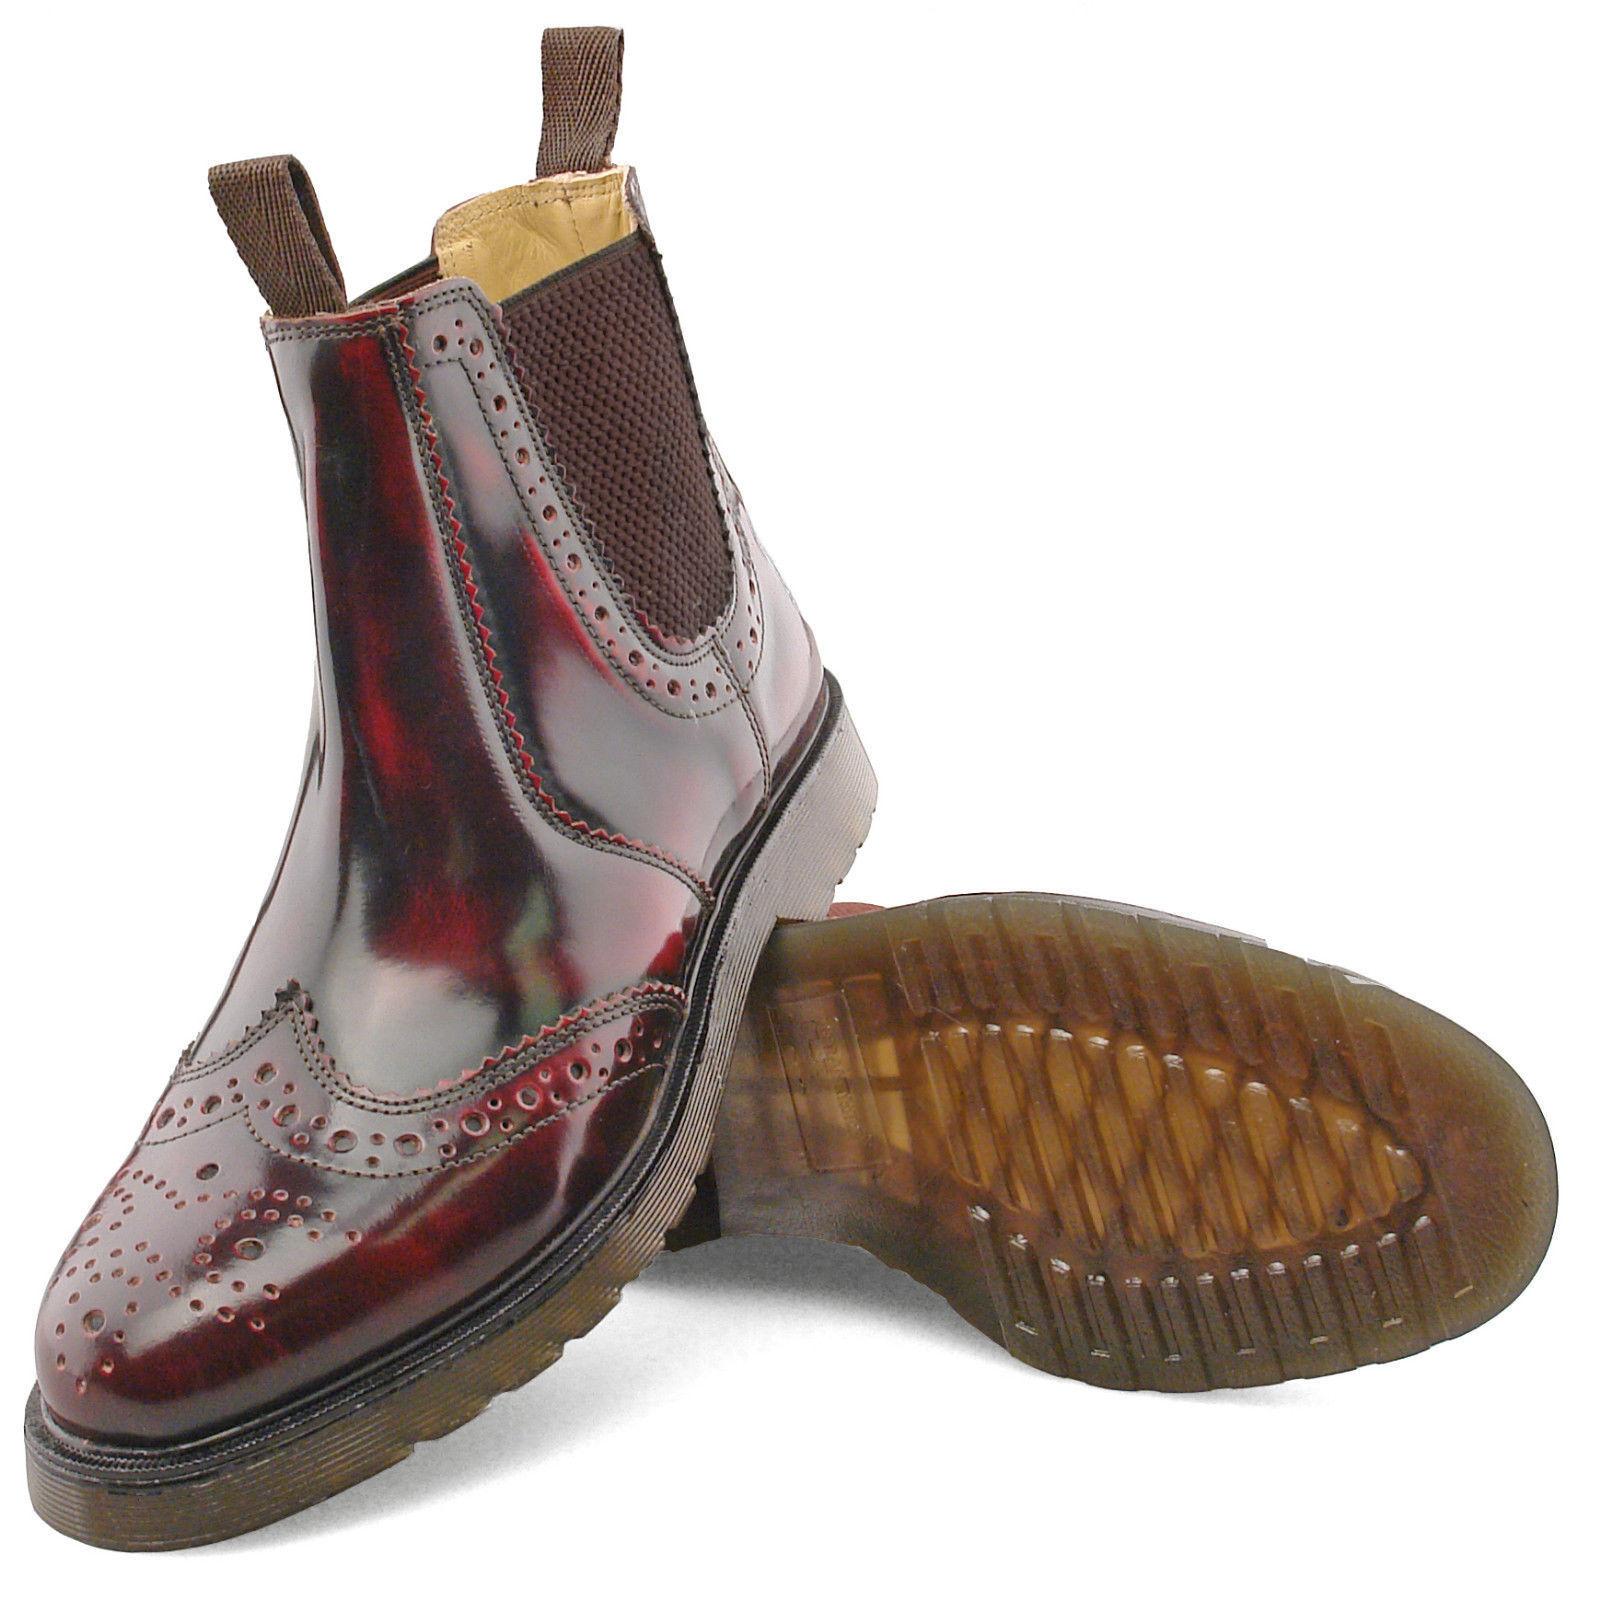 Chelsea Brogue botas, Rojo rojizo Hi Shine, Mod, SOUL, Scooter años 60 de estilo vintage y retro